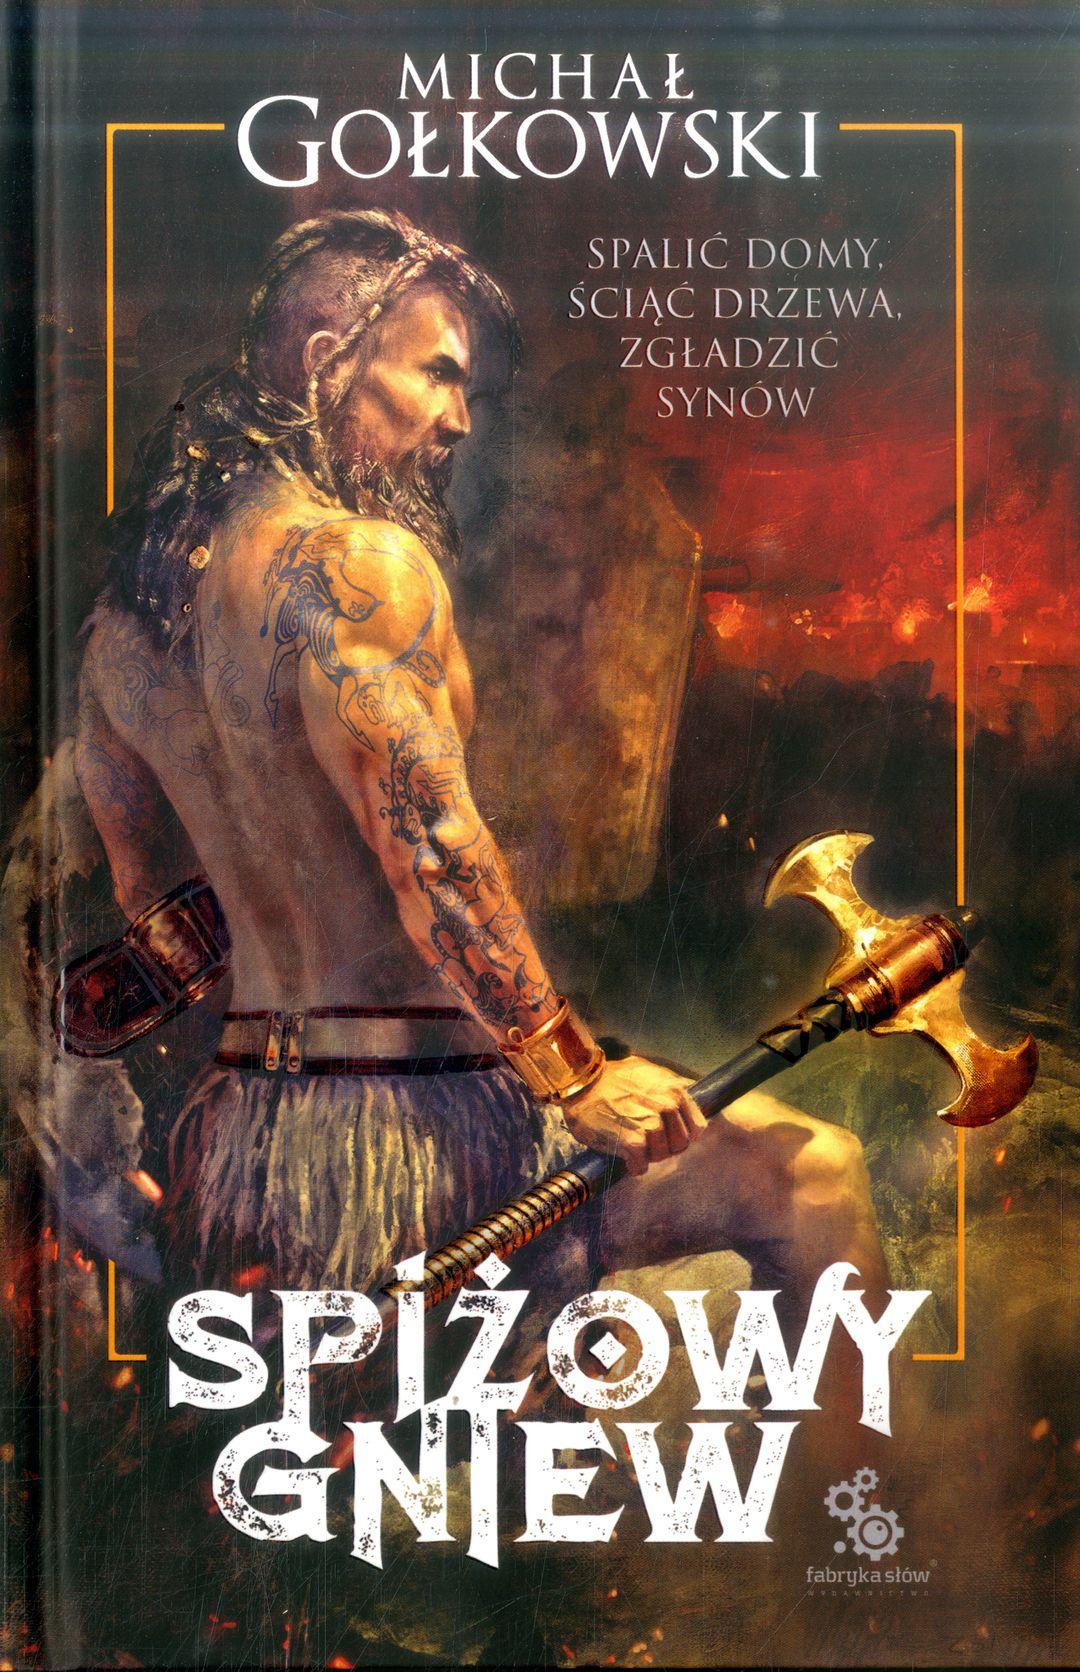 Gołkowski Michał – Spiżowy Gniew